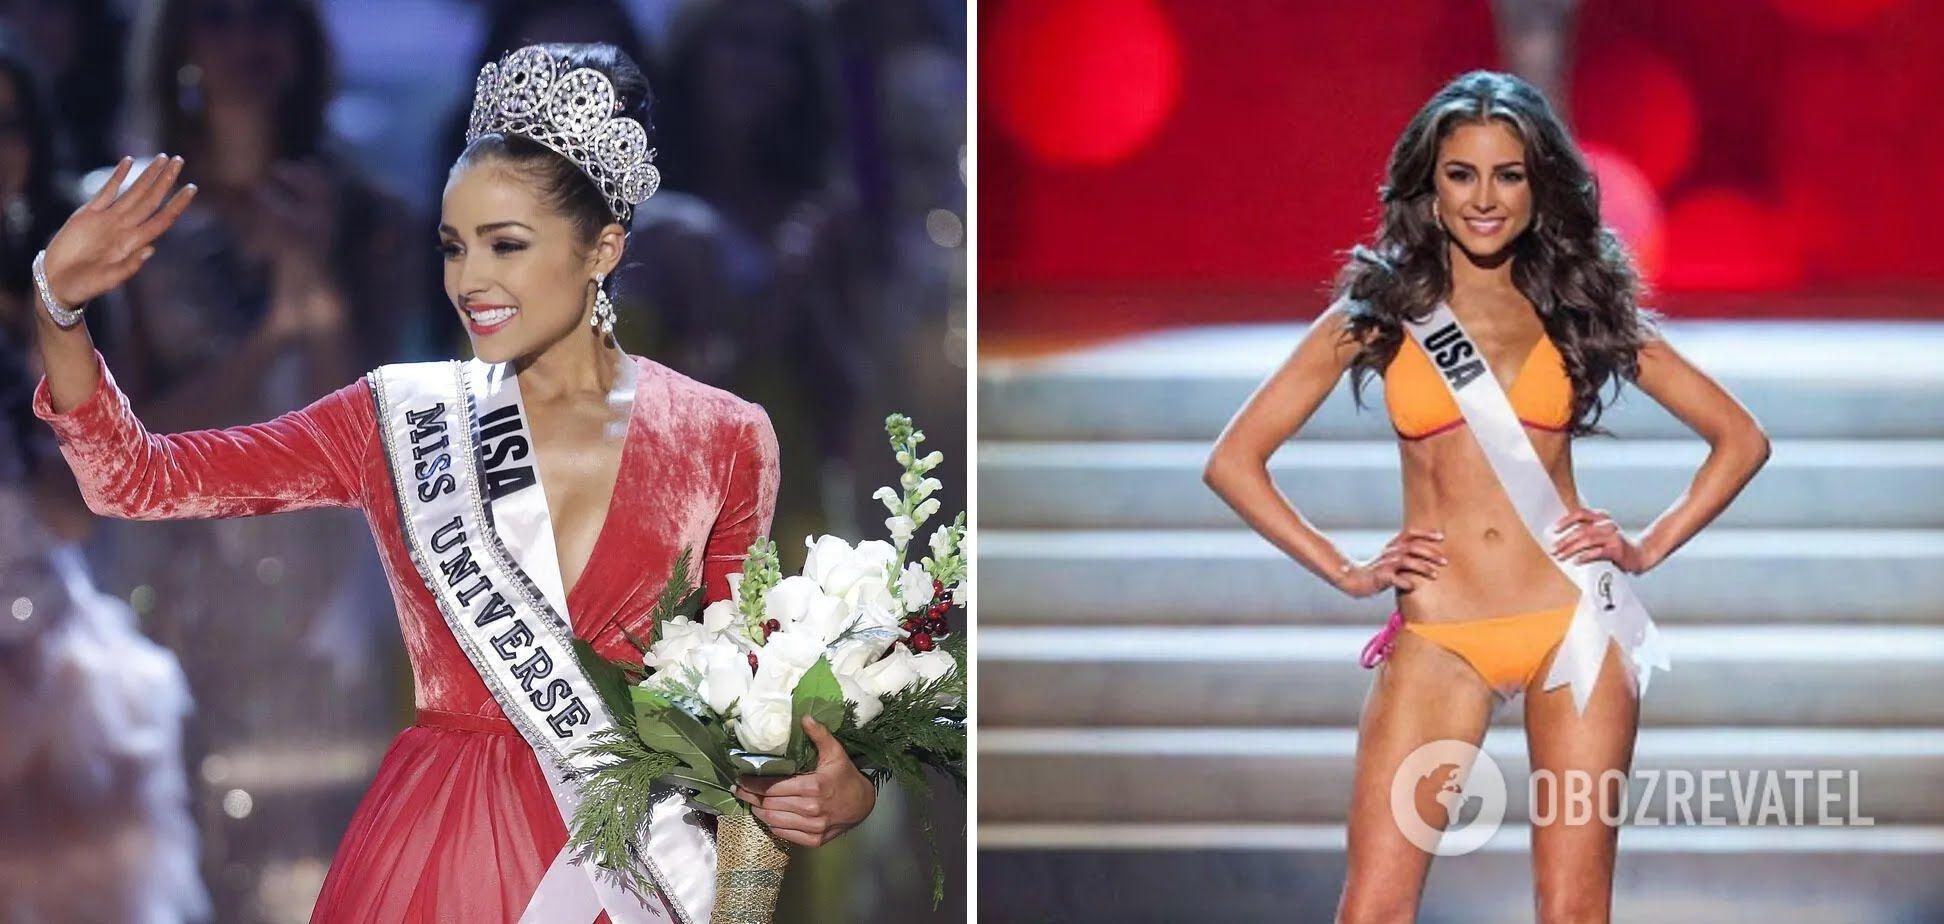 """Олівія Калпо перемогла у конкурсі """"Міс Всесвіт у 2012 році."""